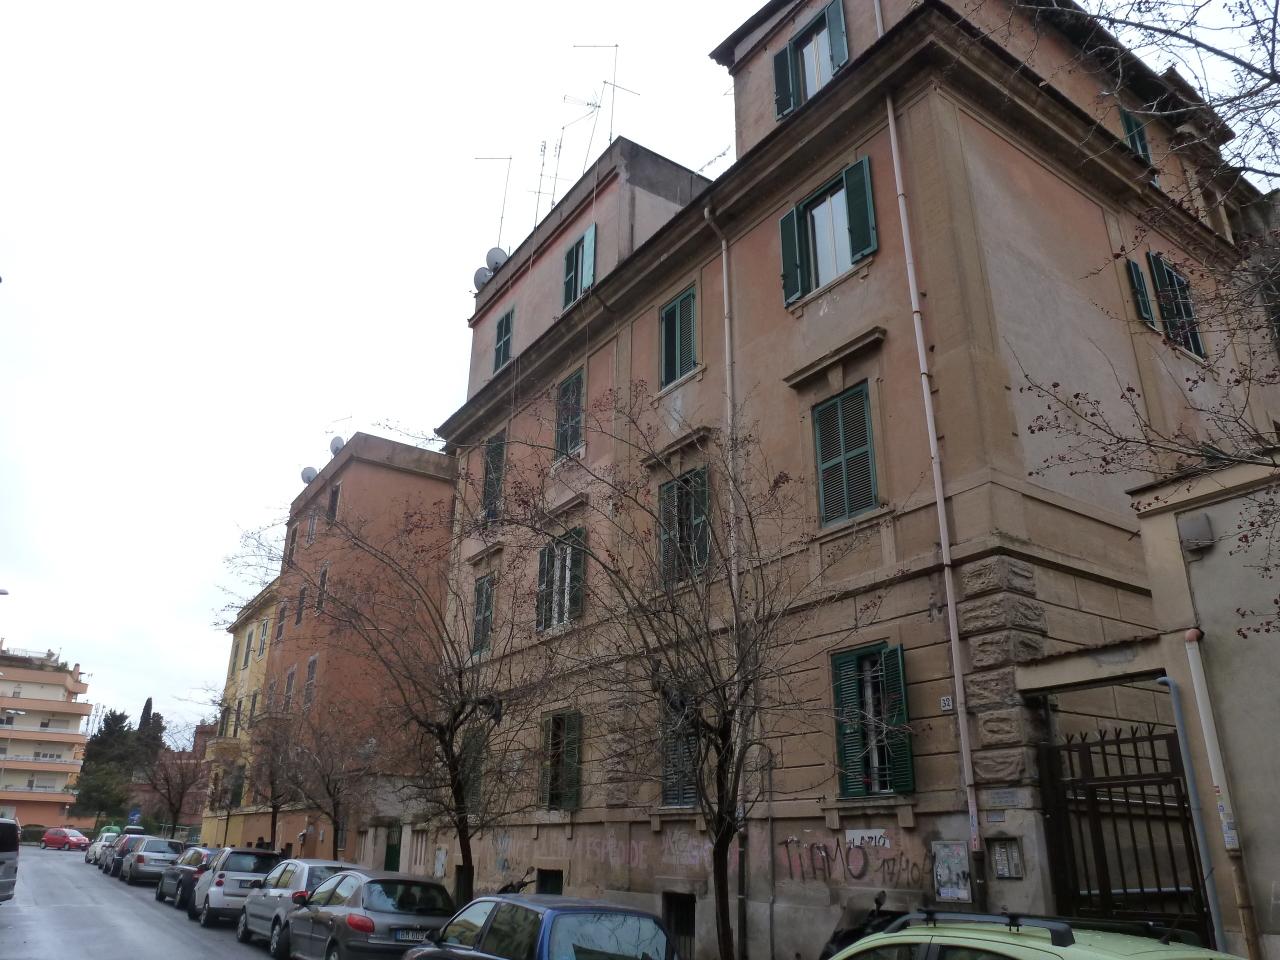 Appartamento in vendita a Roma, 3 locali, prezzo € 130.000 | CambioCasa.it